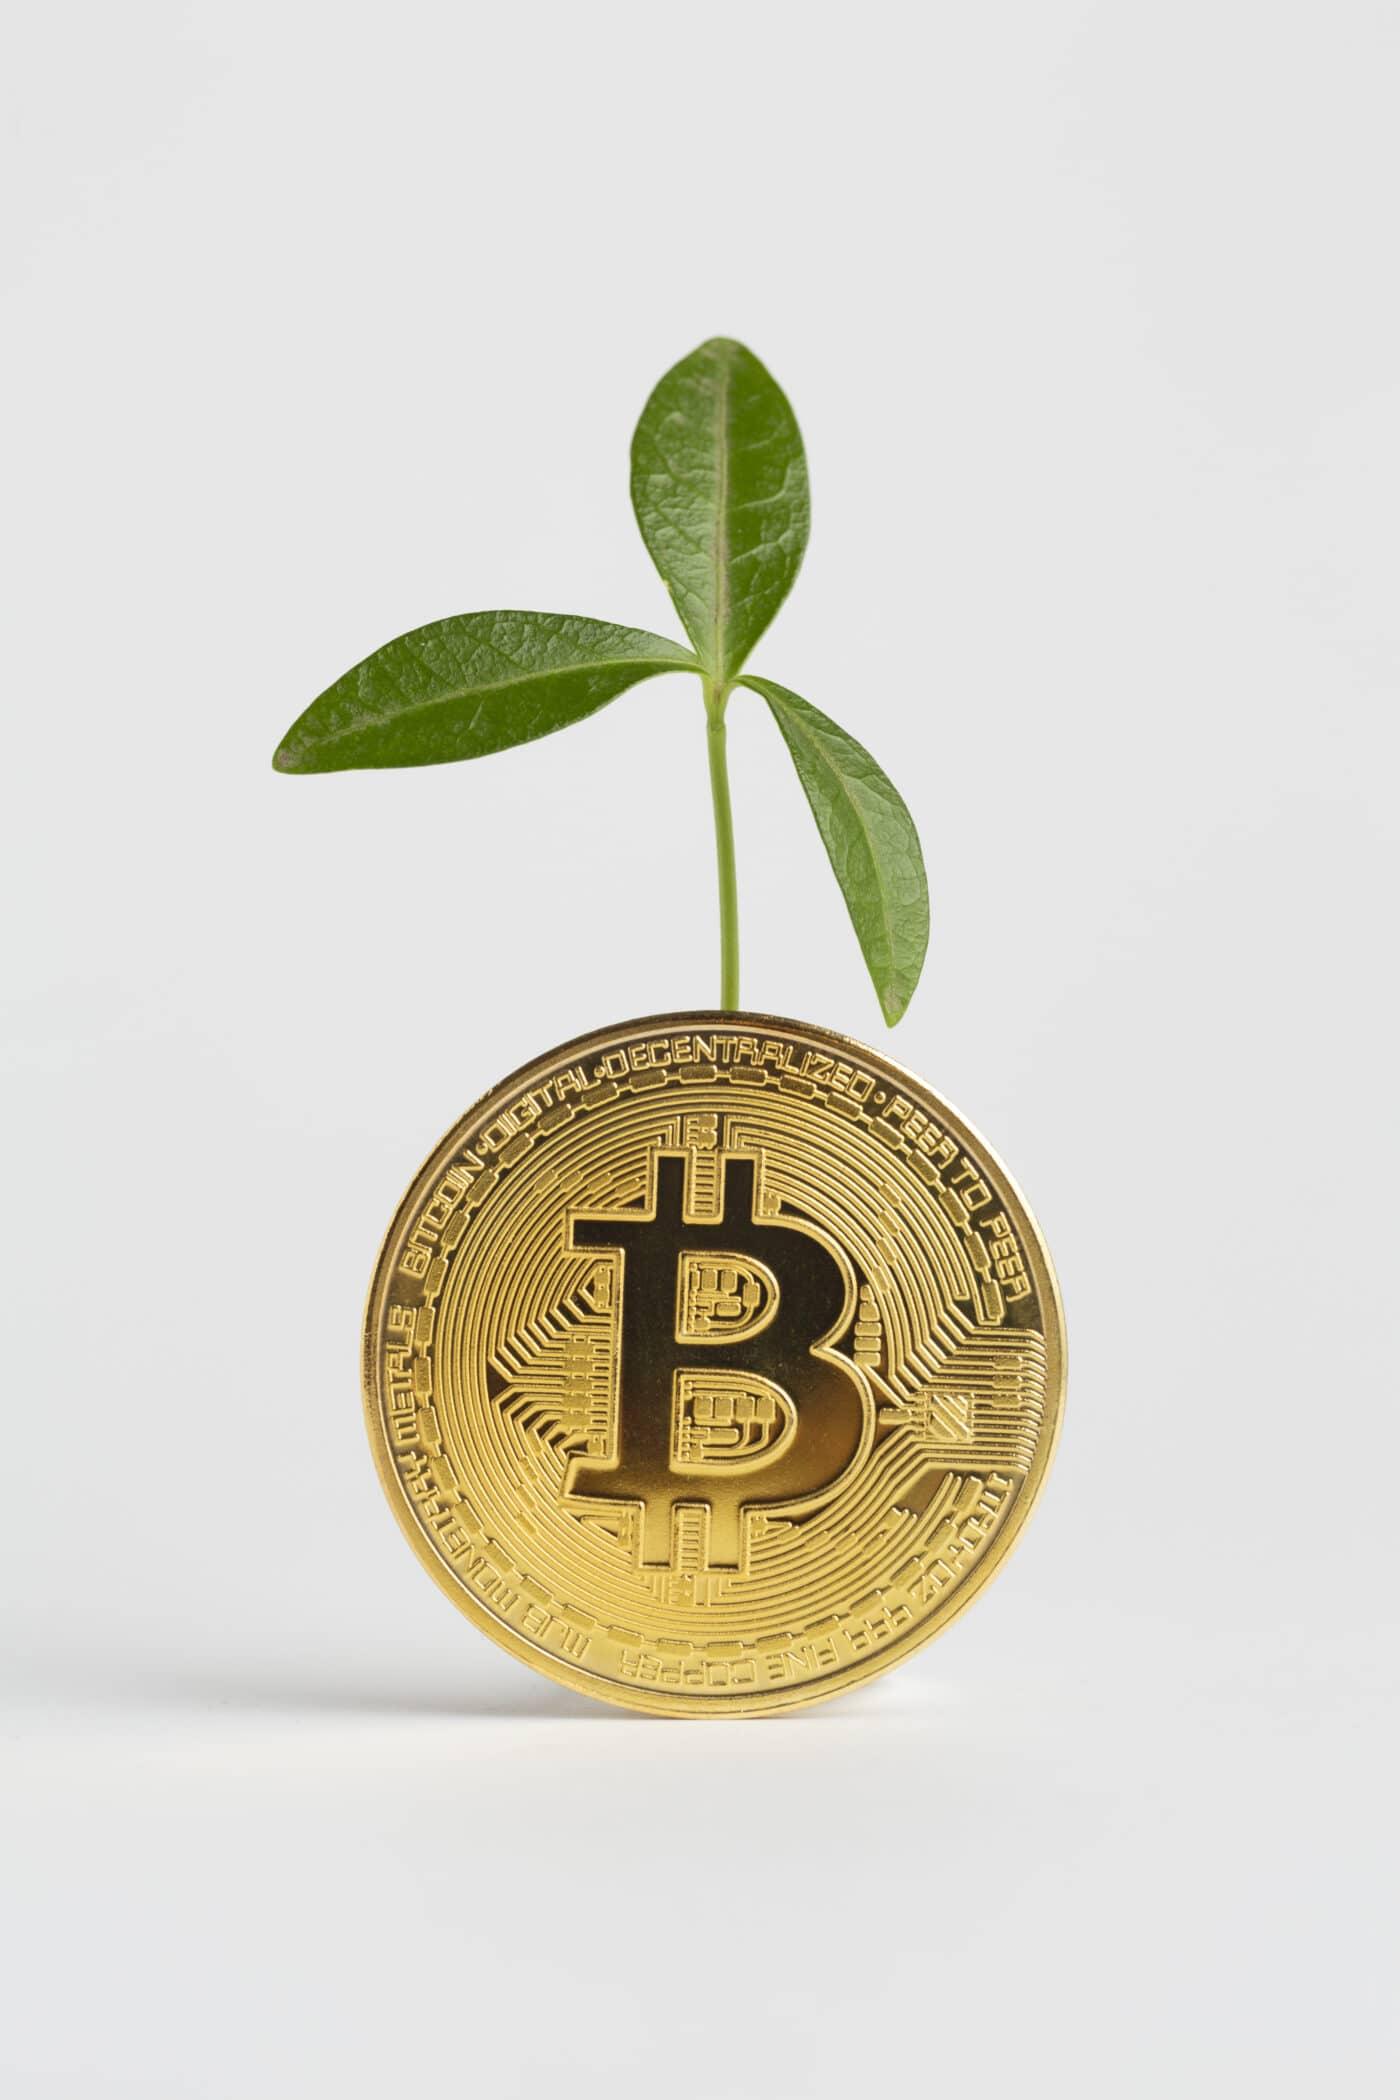 Bitcoin: ¿A horas de superar los máximos de 42000? Siguiente objetivo 50000 ¿Tether cisne negro?